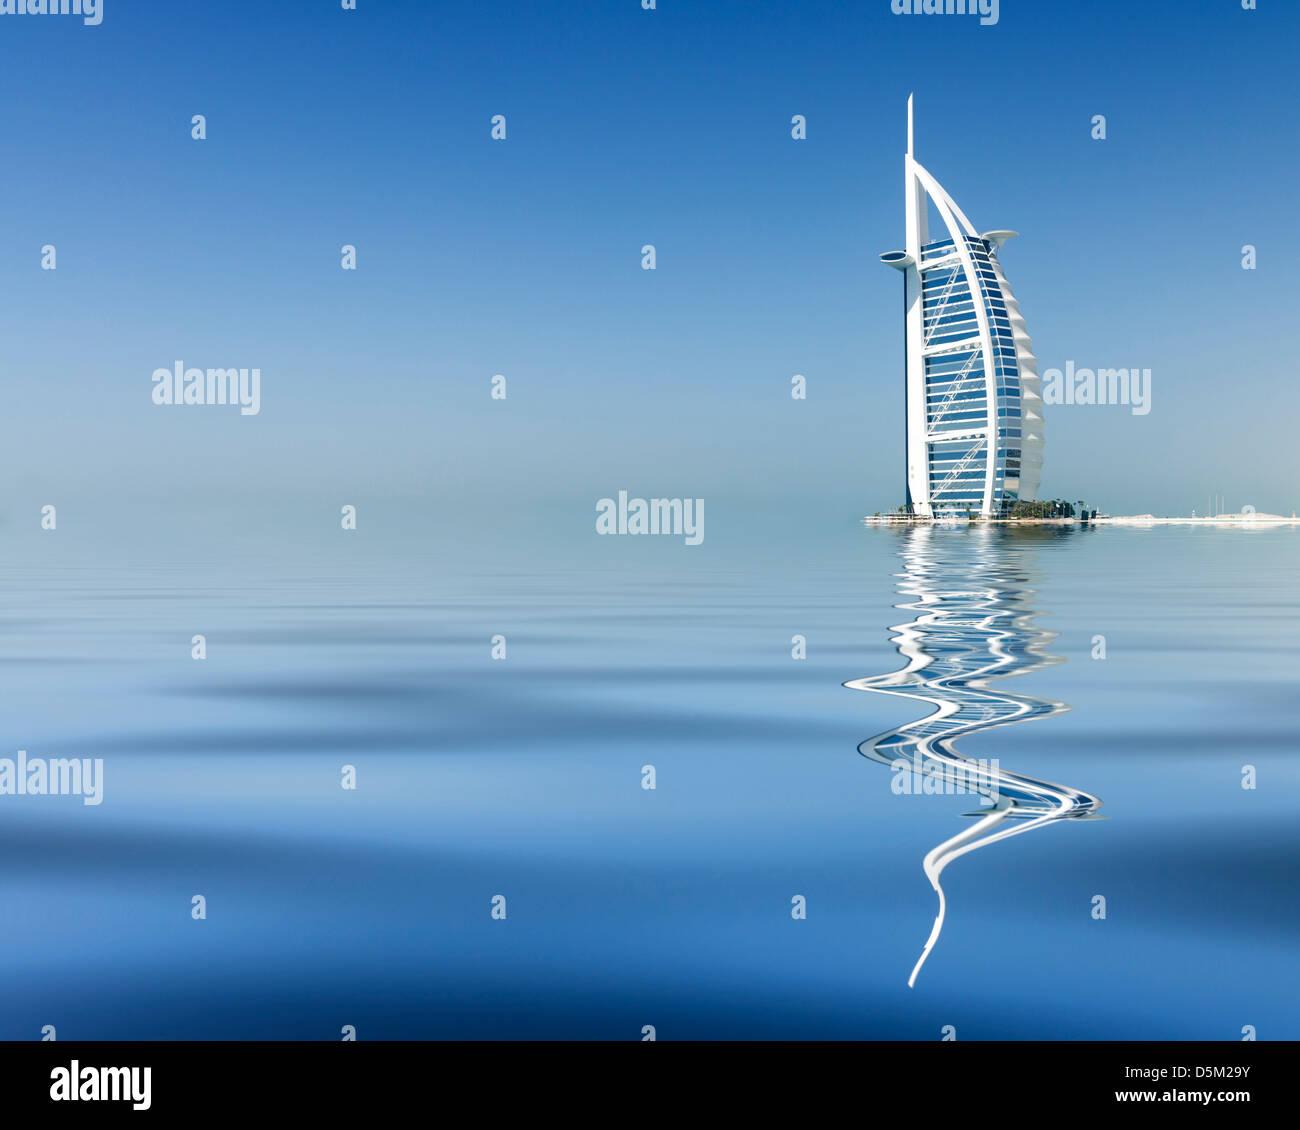 Reflet de luxe Burj al Arab sur front de mer à Dubaï Émirats Arabes Unis ÉMIRATS ARABES UNIS Photo Stock